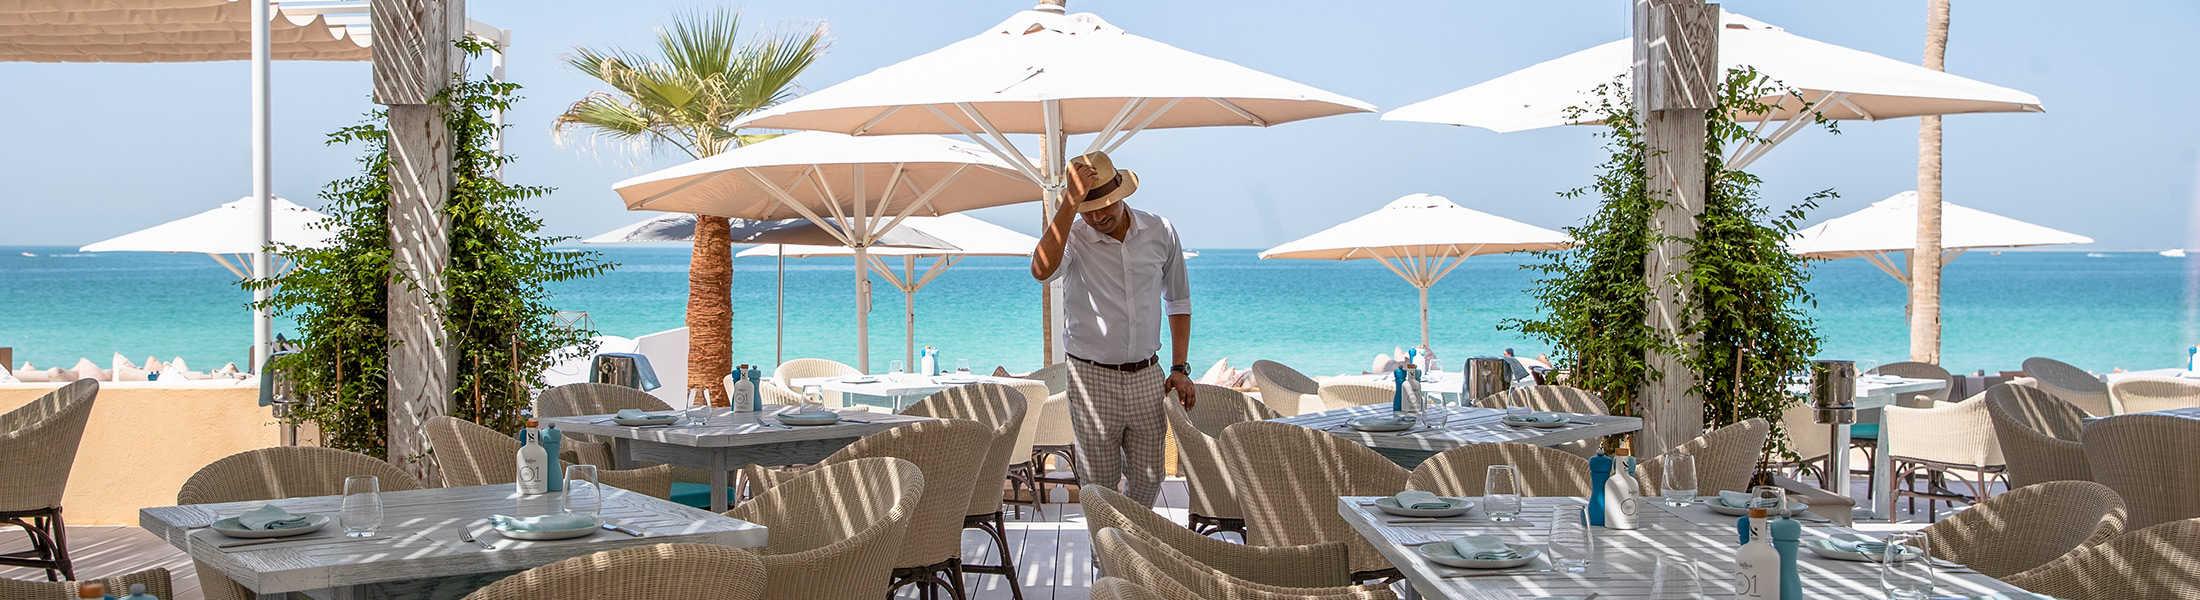 Man at Himmers Restaurant at Jumeirah Mina A'Salam